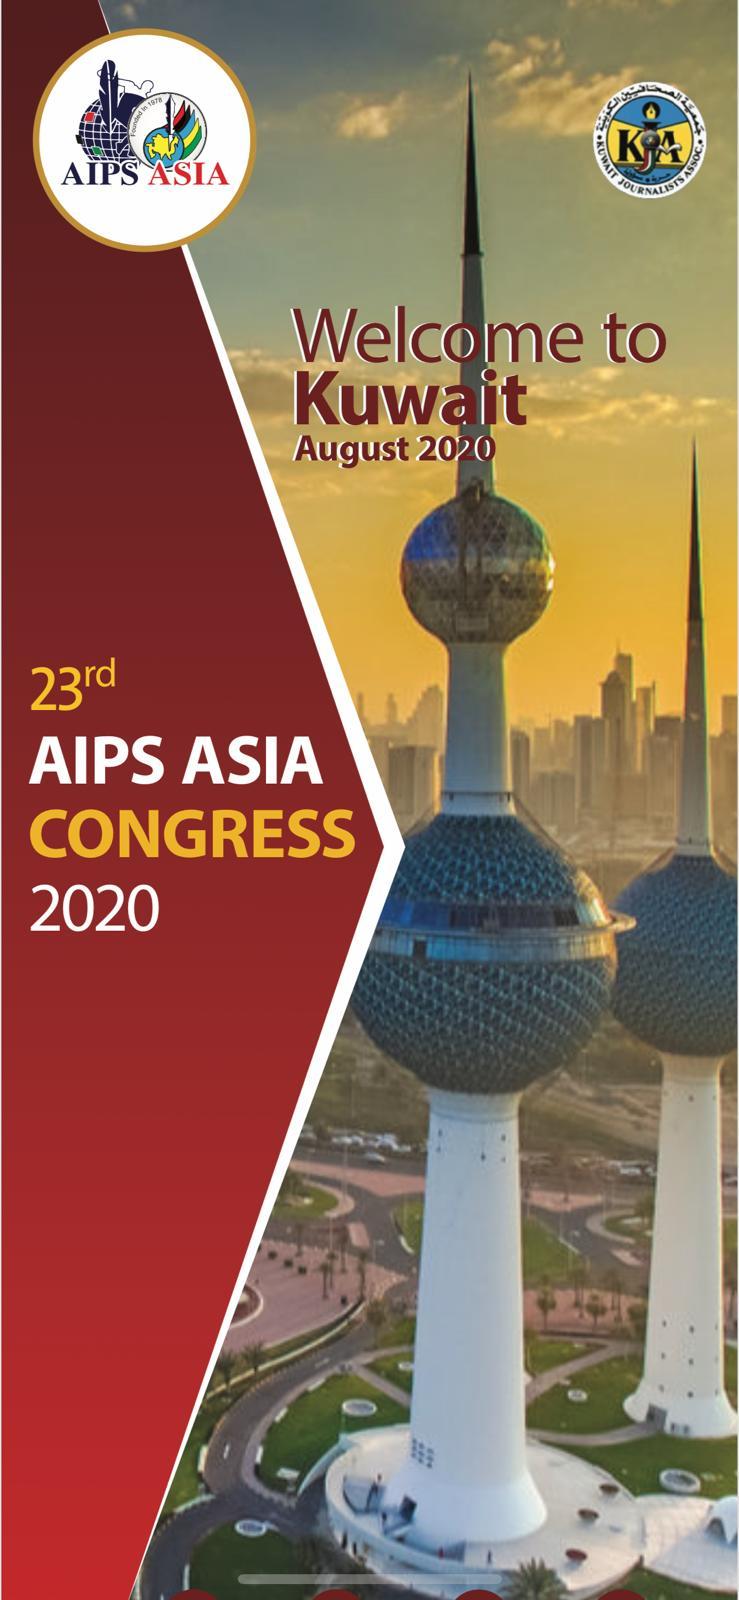 الكويت تطلب إستضافة كونجرس الاتحاد الاسيوي للصحافة الرياضية 2020